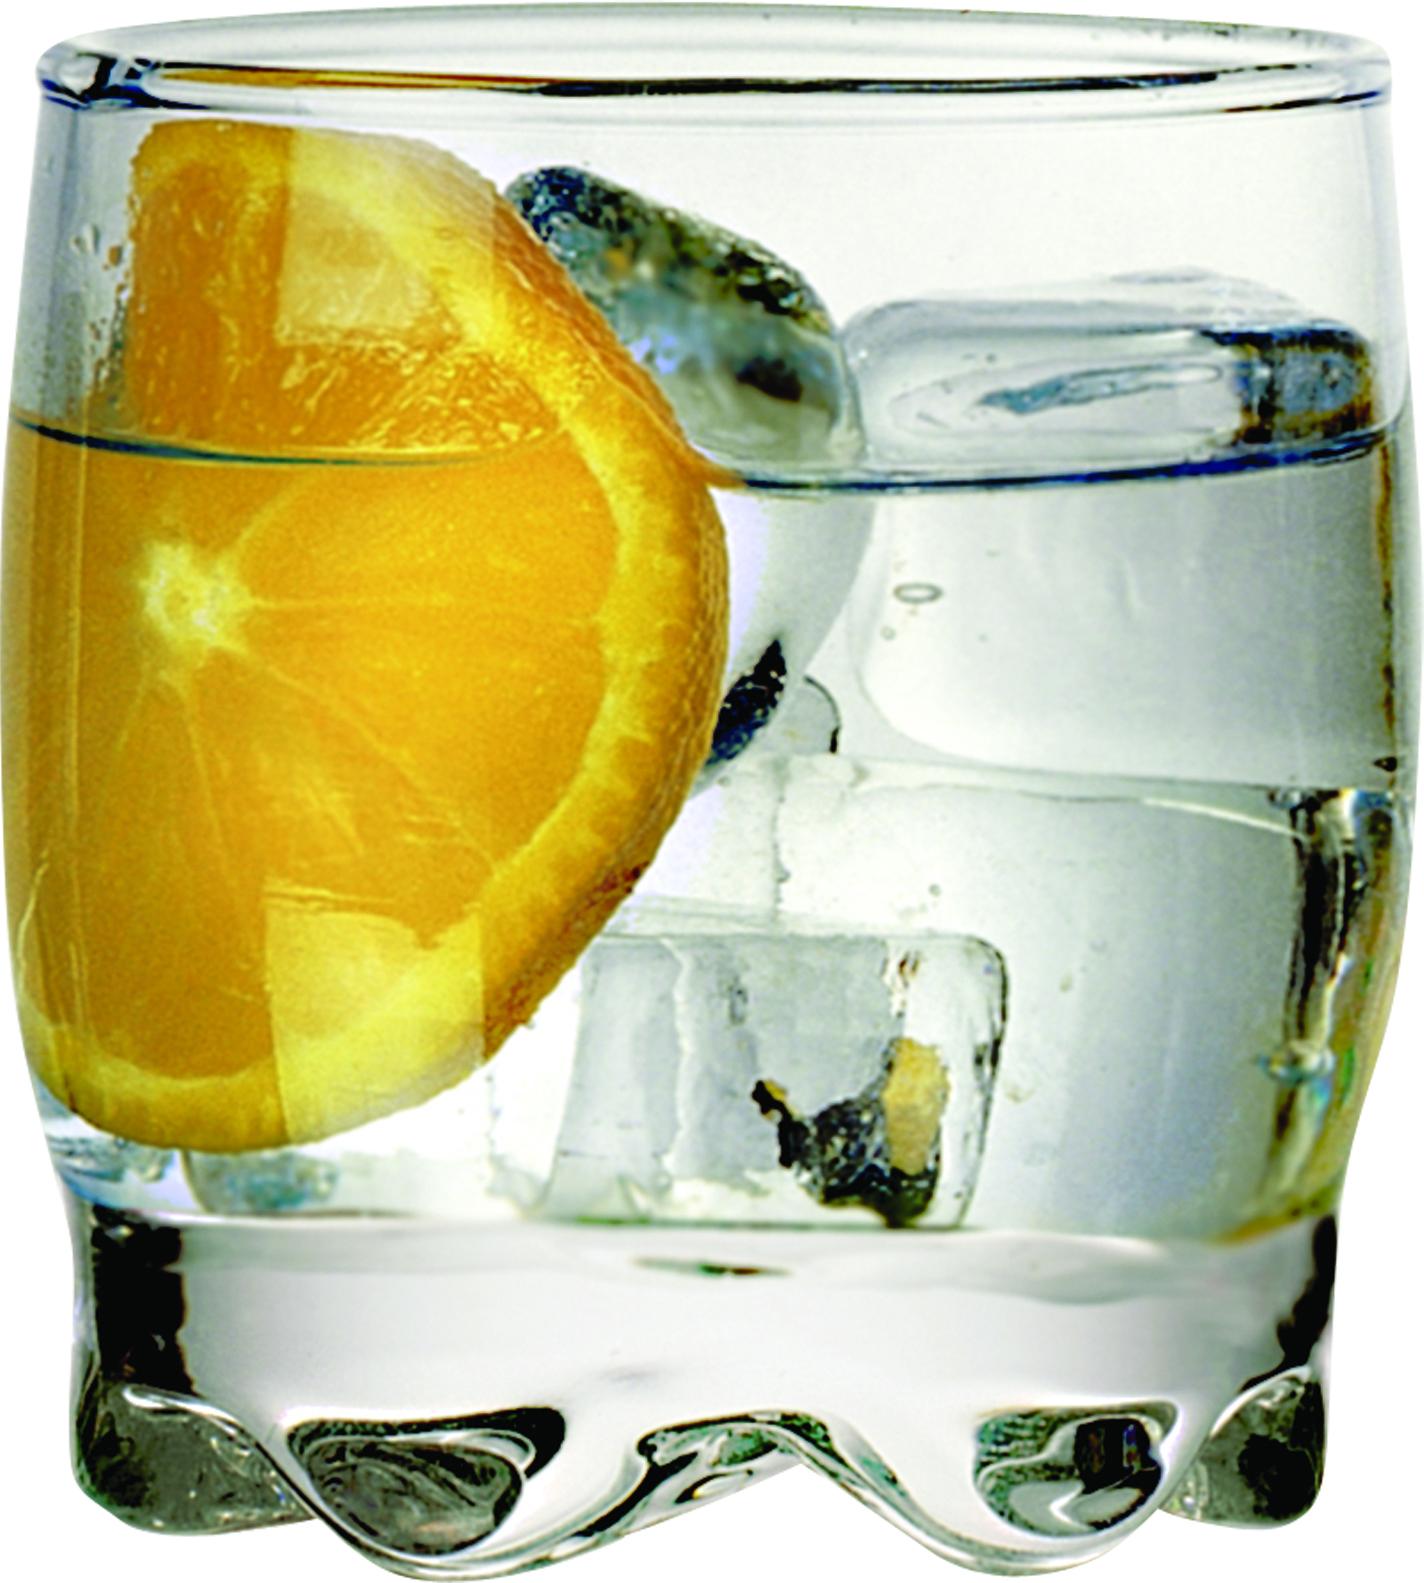 Ποτήρι Κρασιού Σετ 6τμχ Adora 190ml IZ ADR/05 (Υλικό: Γυαλί, Χρώμα: Διάφανο ) – EVE – 4-IZ ADR/05